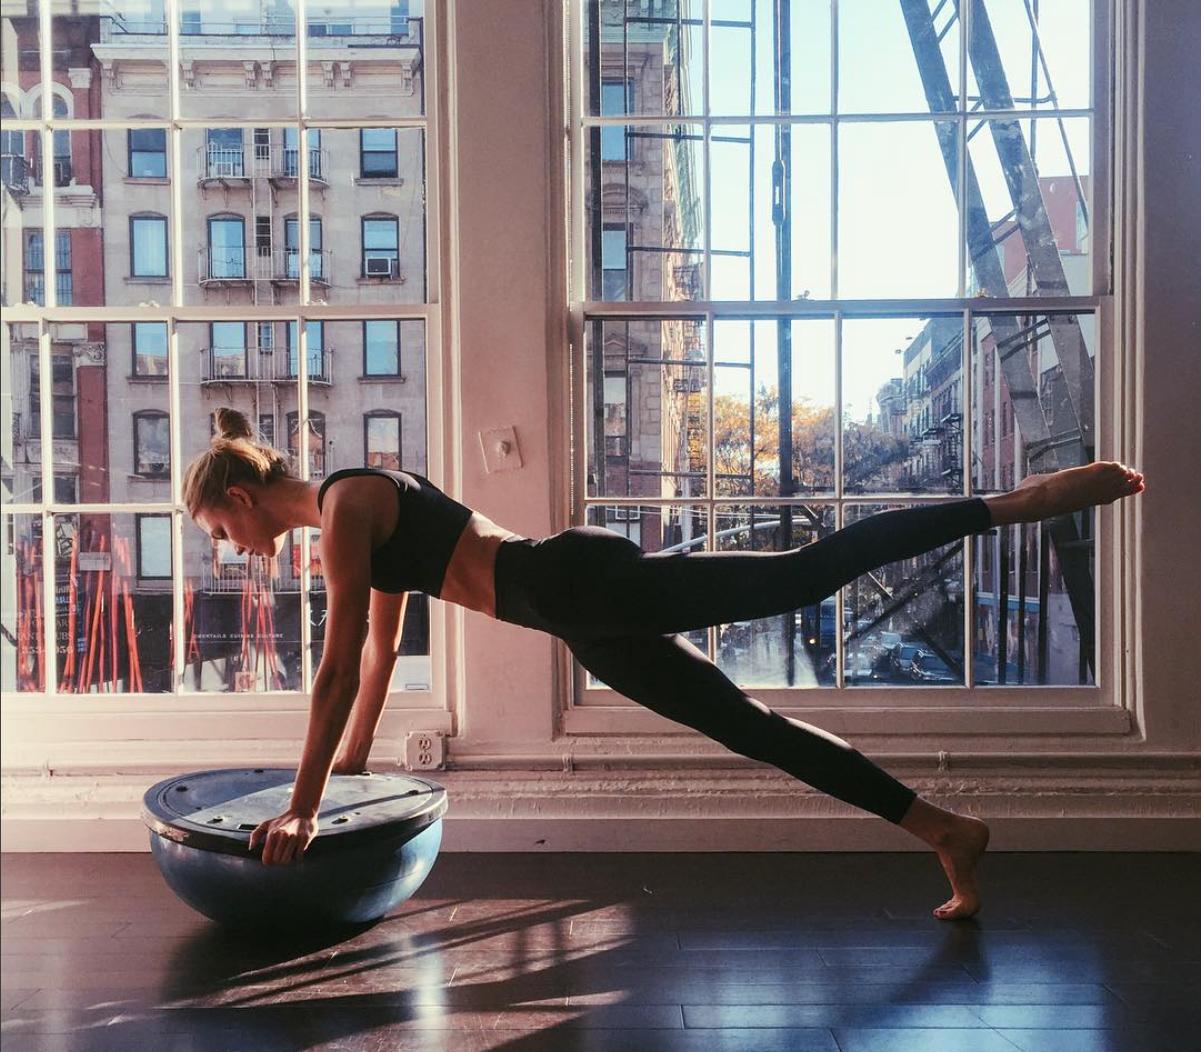 Güçlü Kollara Sahip Olmak İçin Plank Duruşunu Deneyin